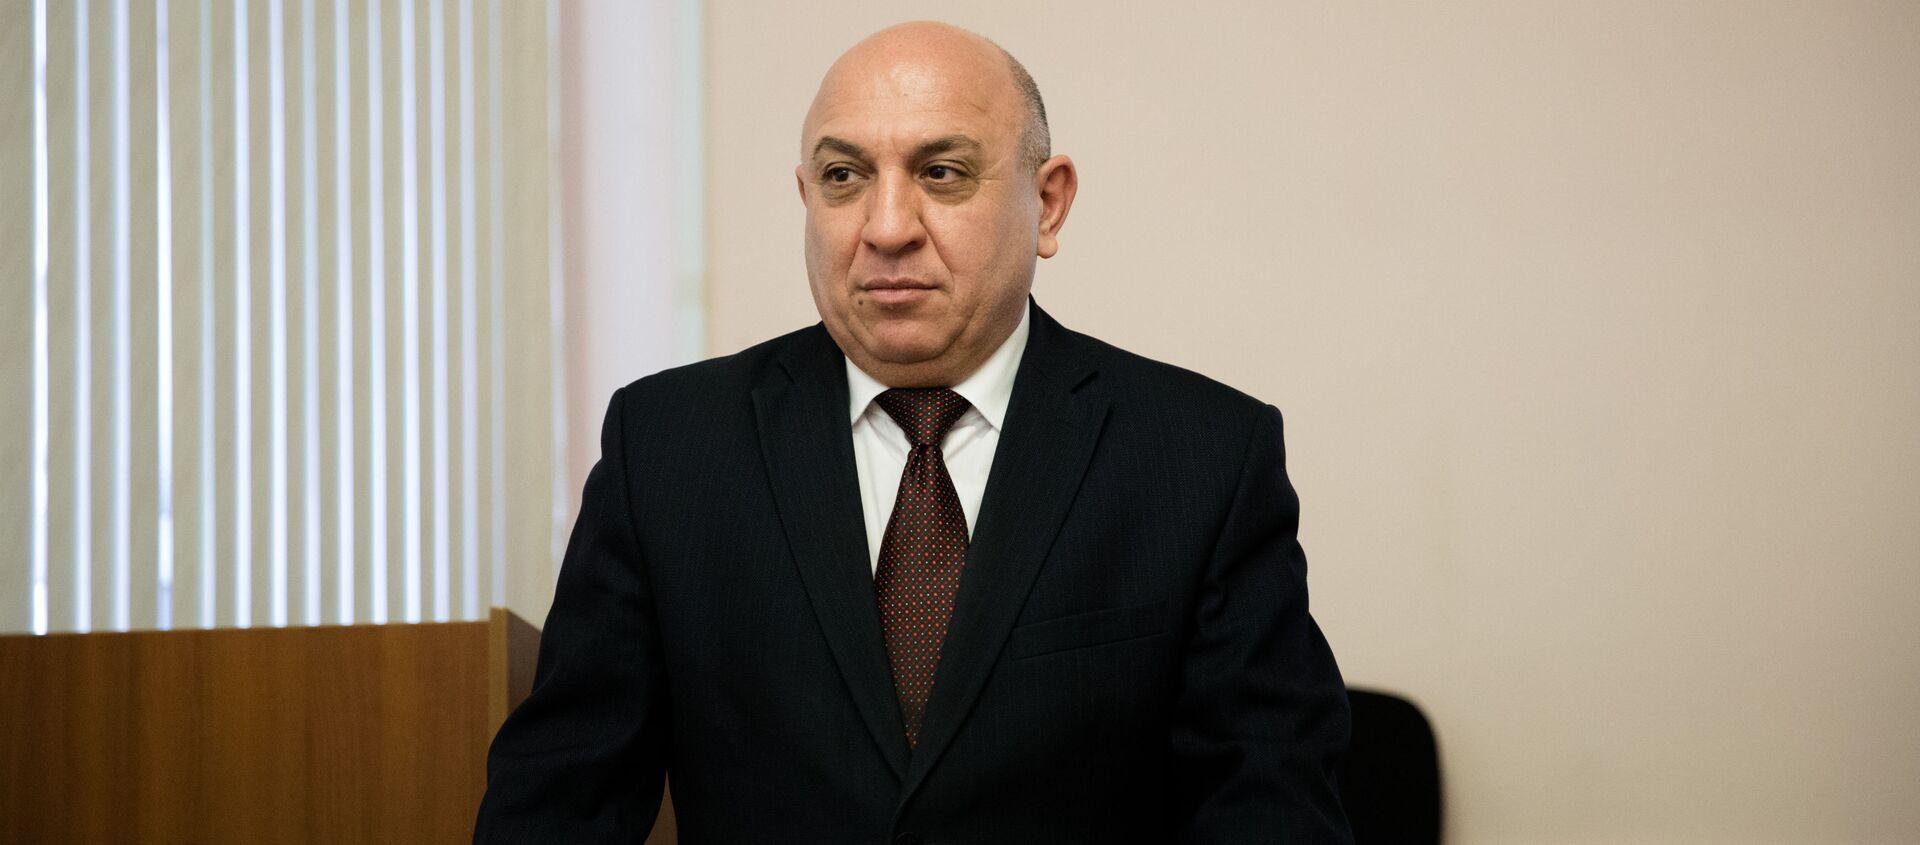 Эльнур Садыгов - Sputnik Азербайджан, 1920, 01.02.2021